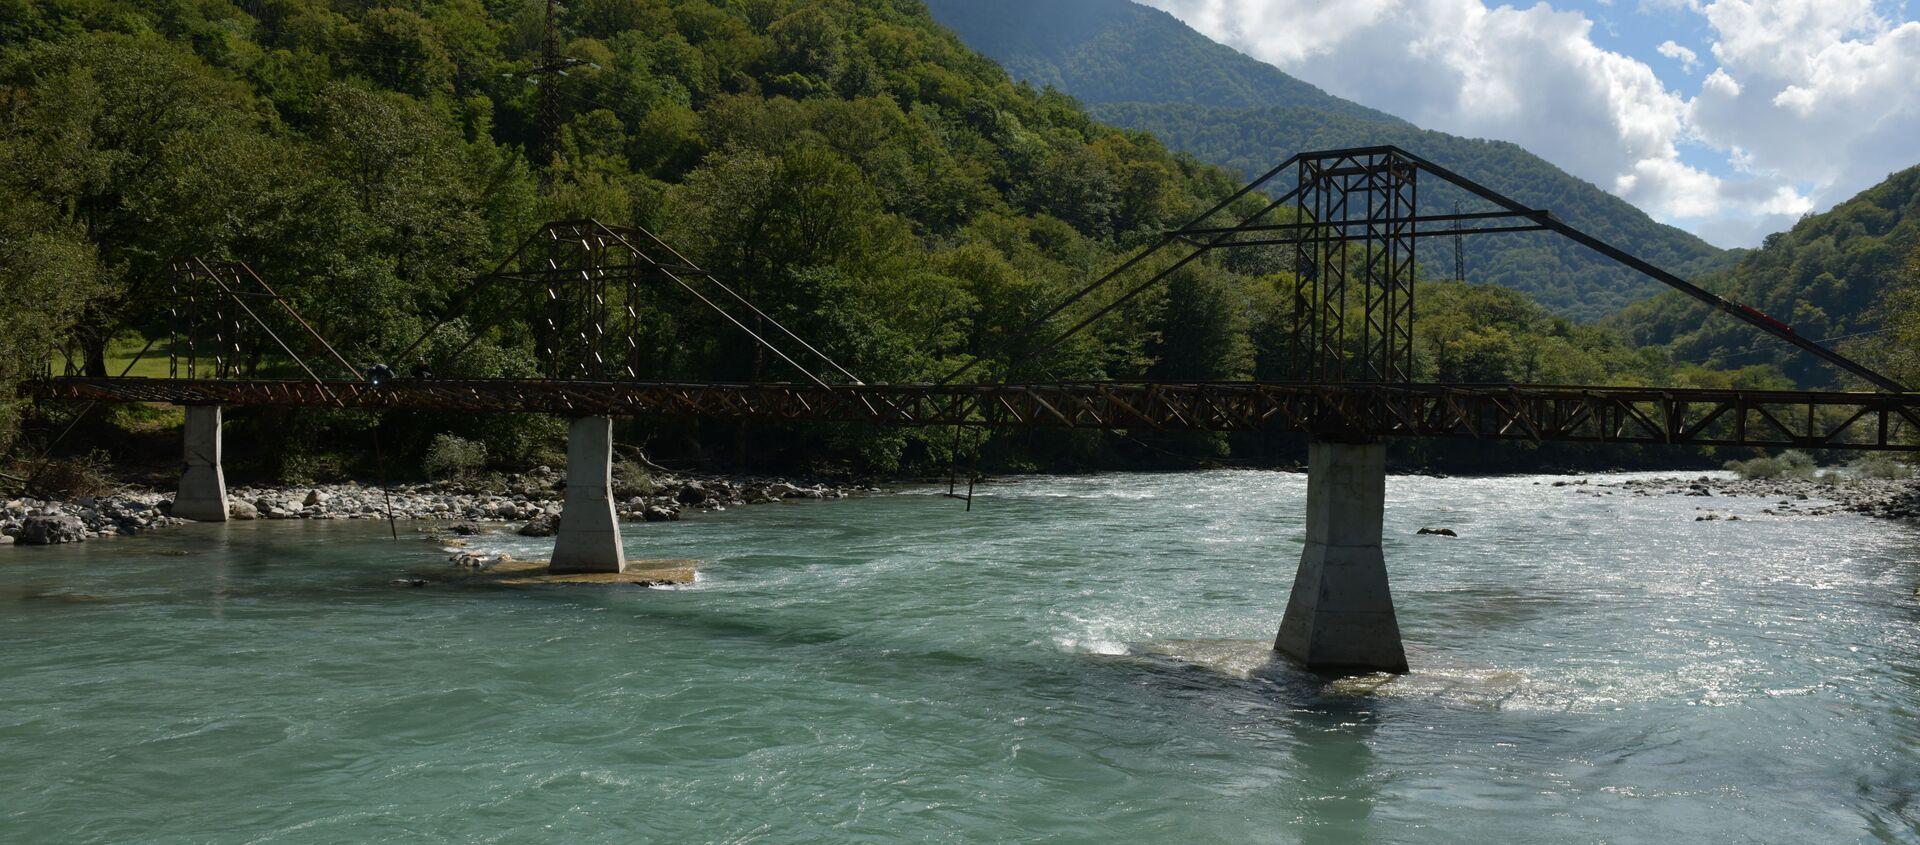 Стеклянный мост  - Sputnik Аҧсны, 1920, 08.09.2021